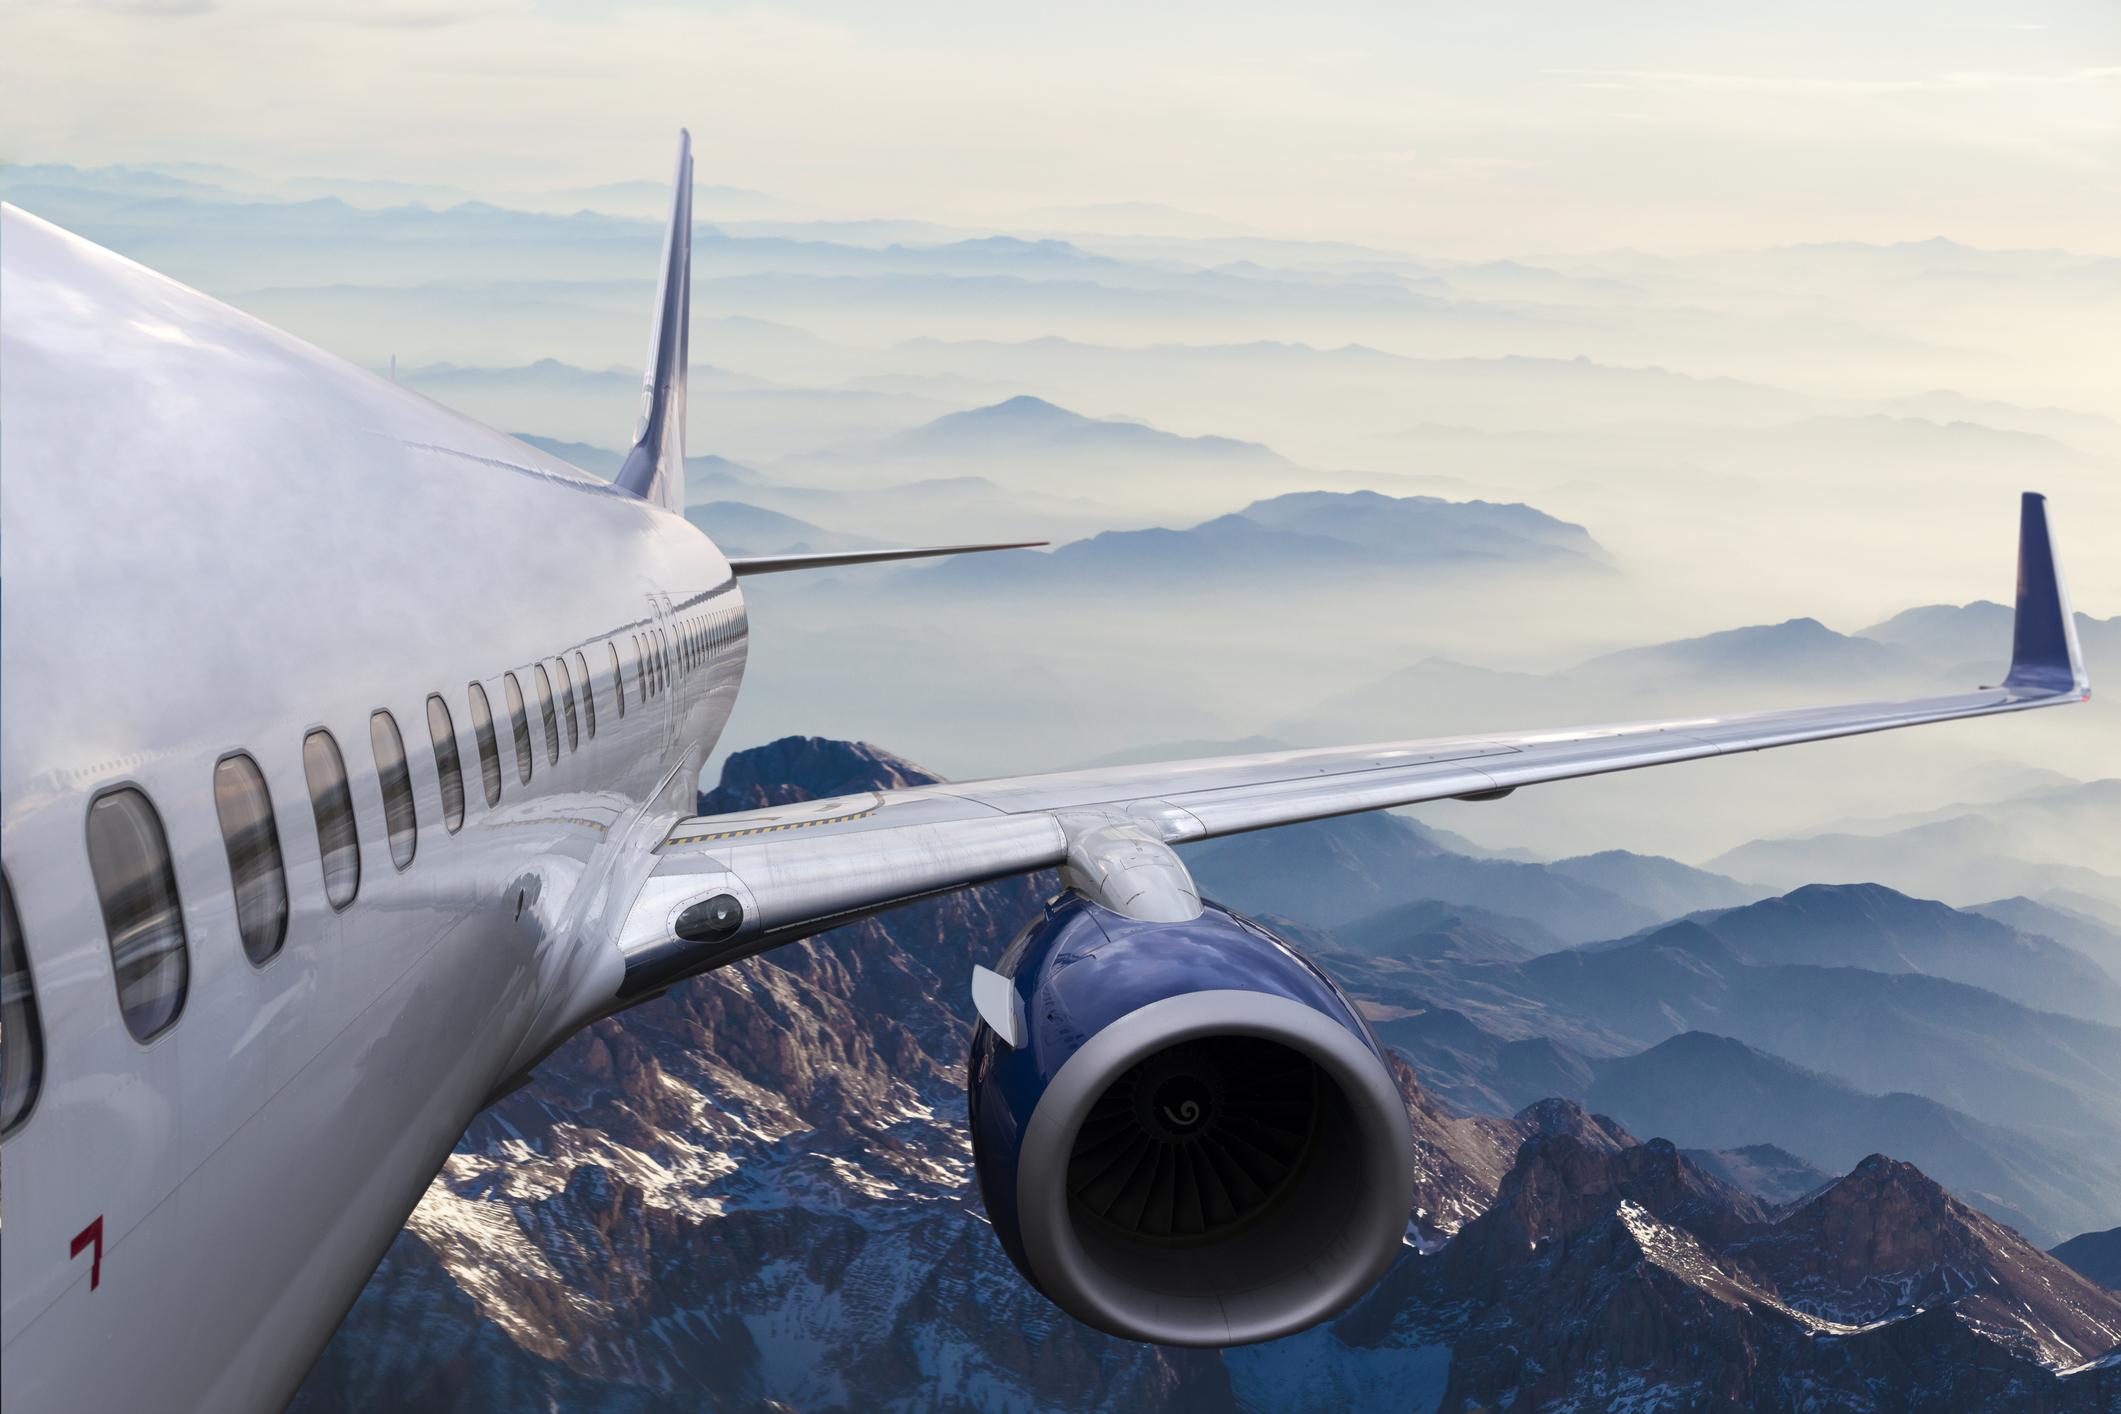 Aviation_iStock-859211592.jpg